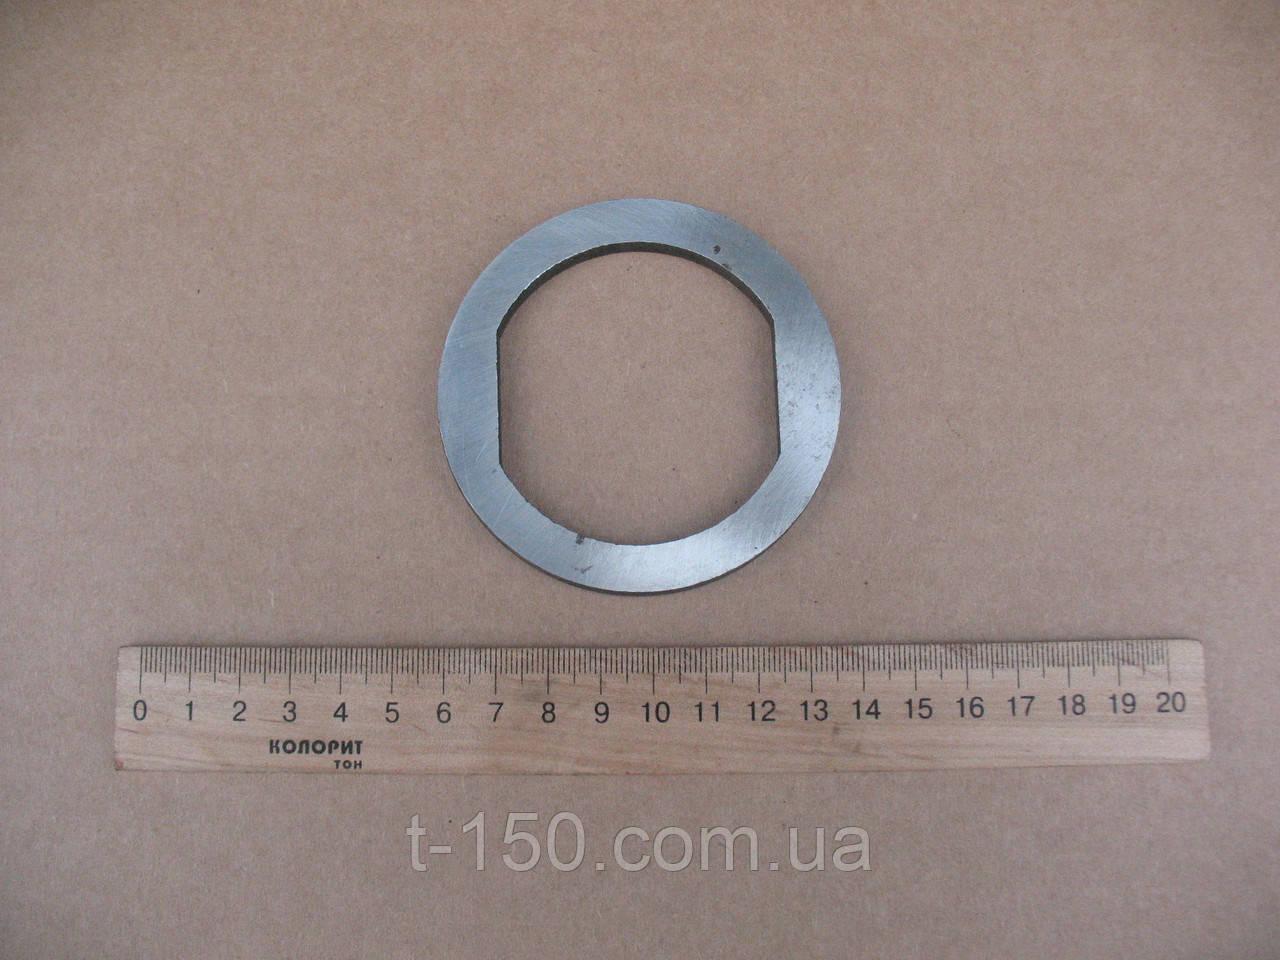 Кольцо уплотнительное с лыской малое (метал) (54.31.430)